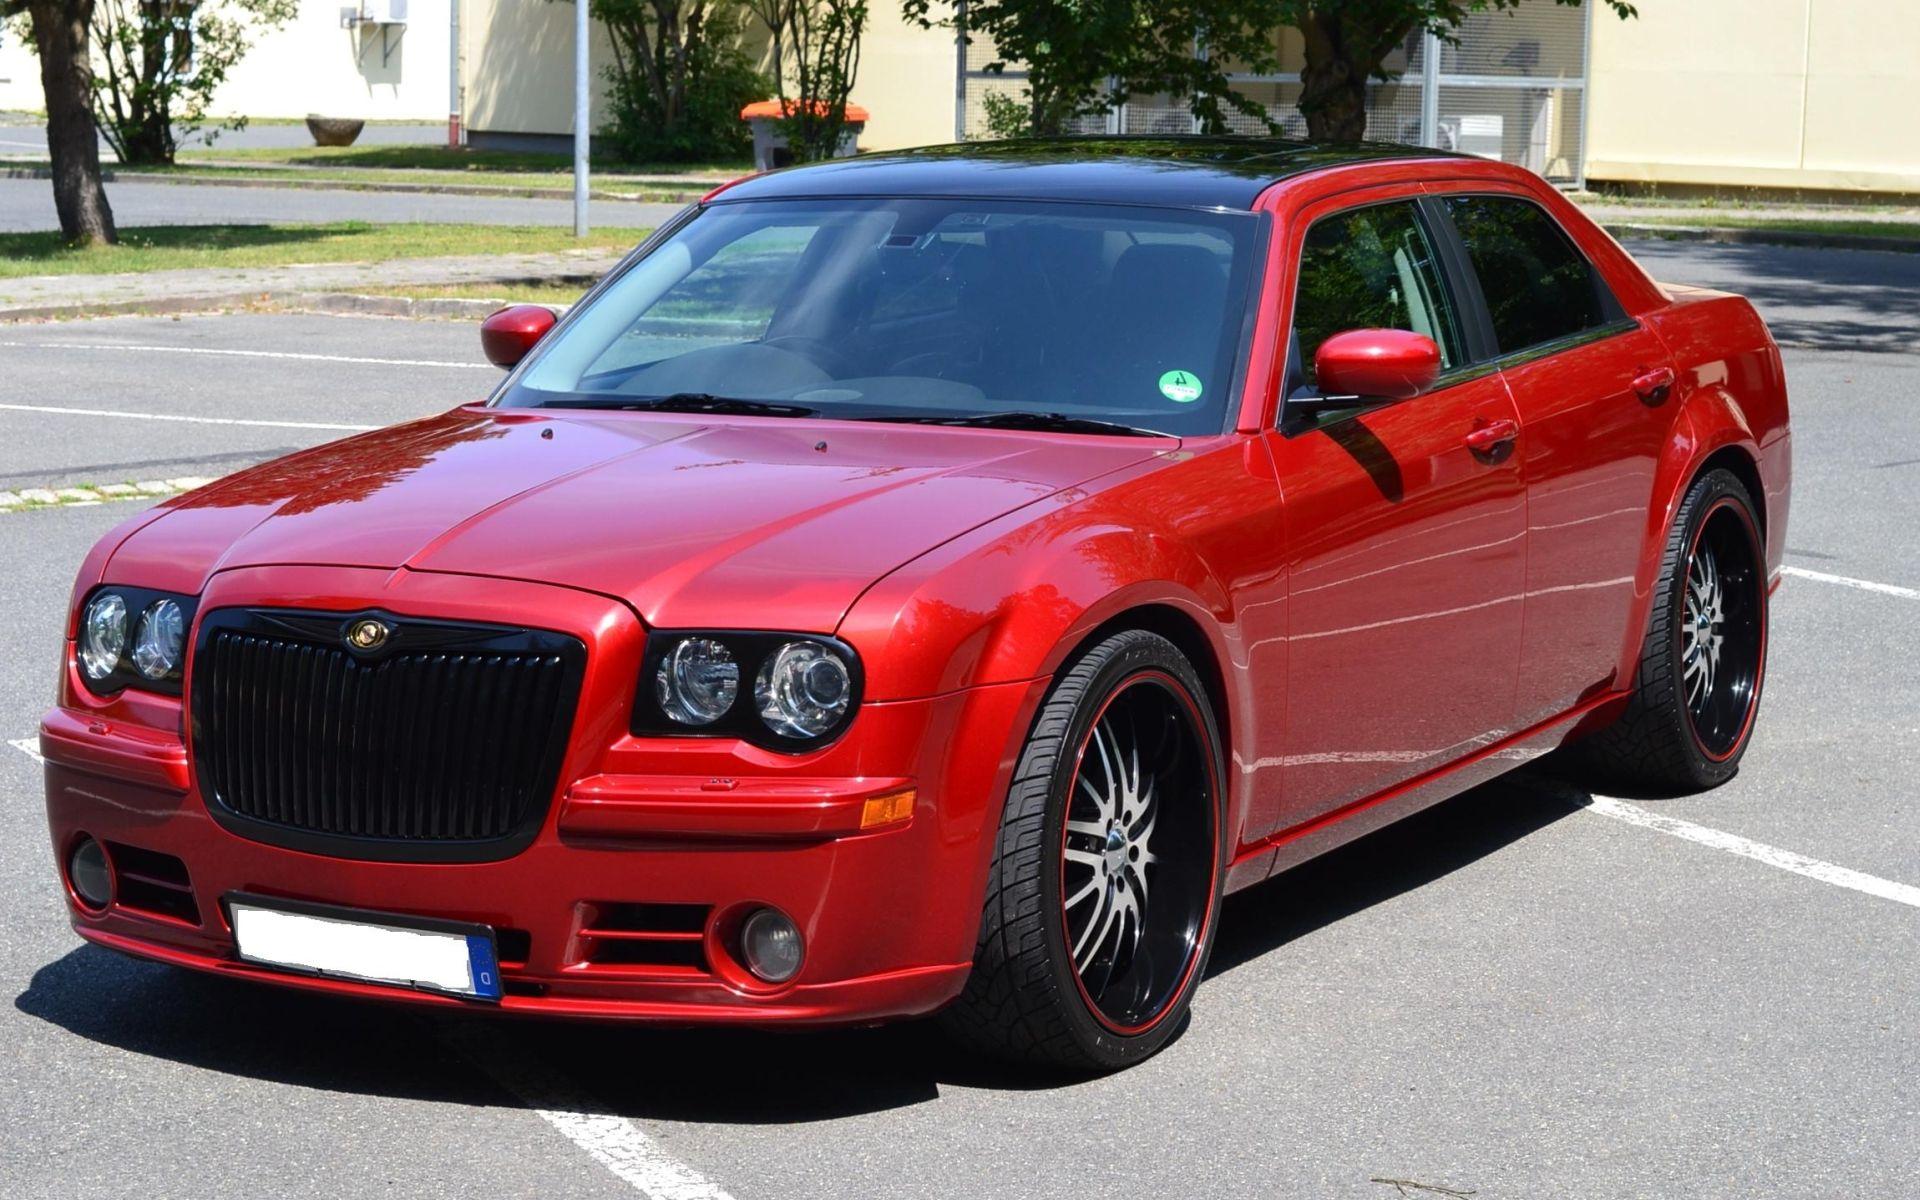 Red Chrysler 300 >> Chrysler 300c Red Car Hd Wallpaper Trucks And Cars Pinterest